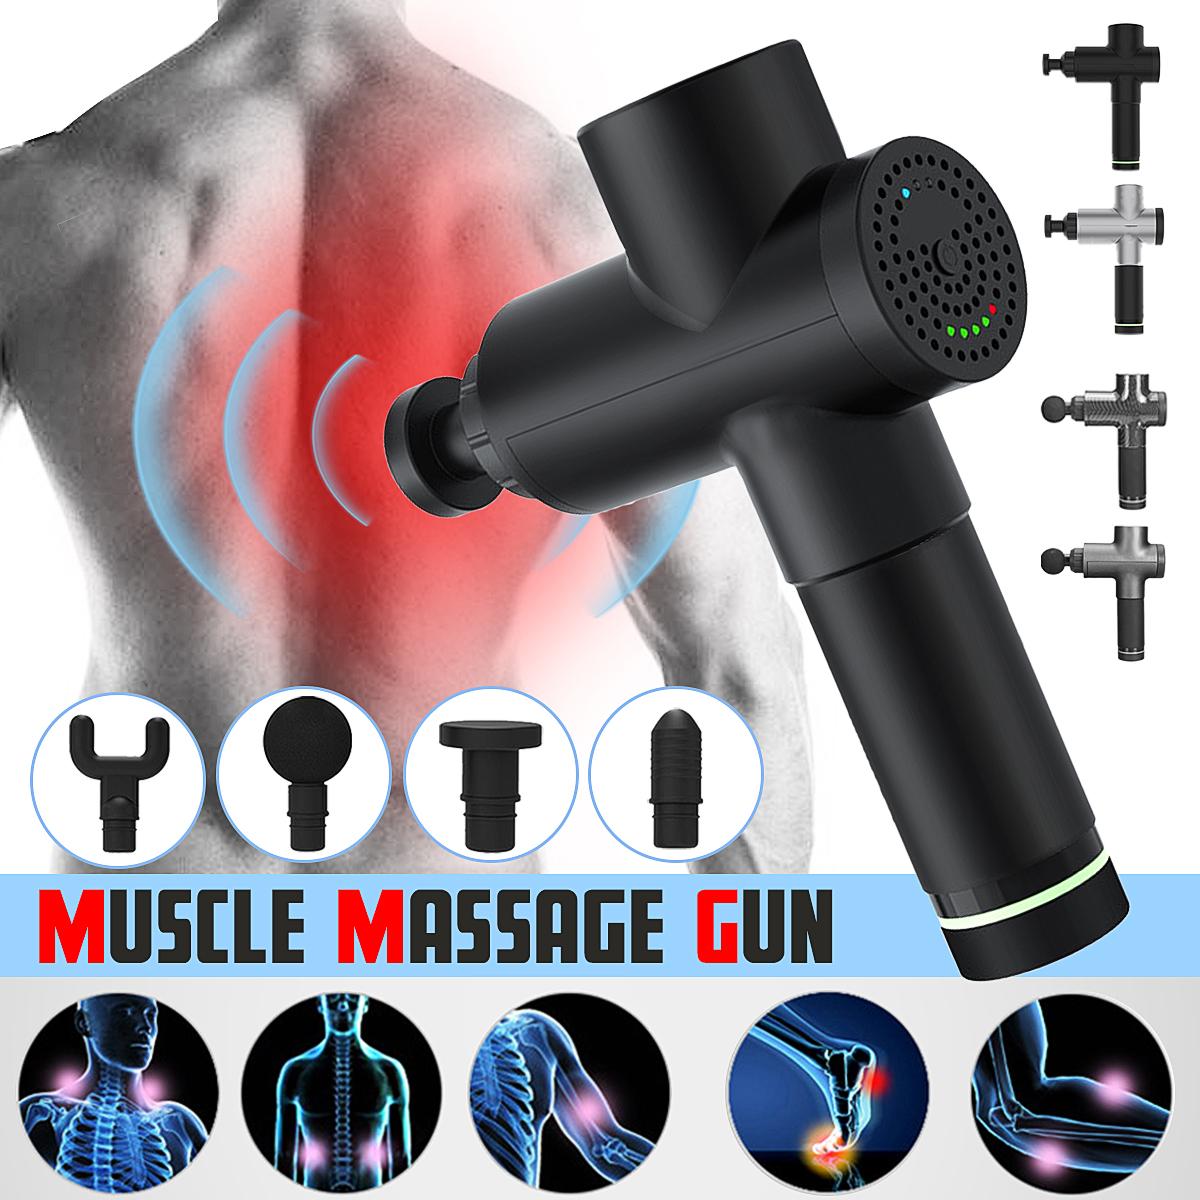 1500 мАч мышечной релаксации 3 скорости электрический массажер ударный массаж глубокий массажер ткани беспроводное устро - фото 2